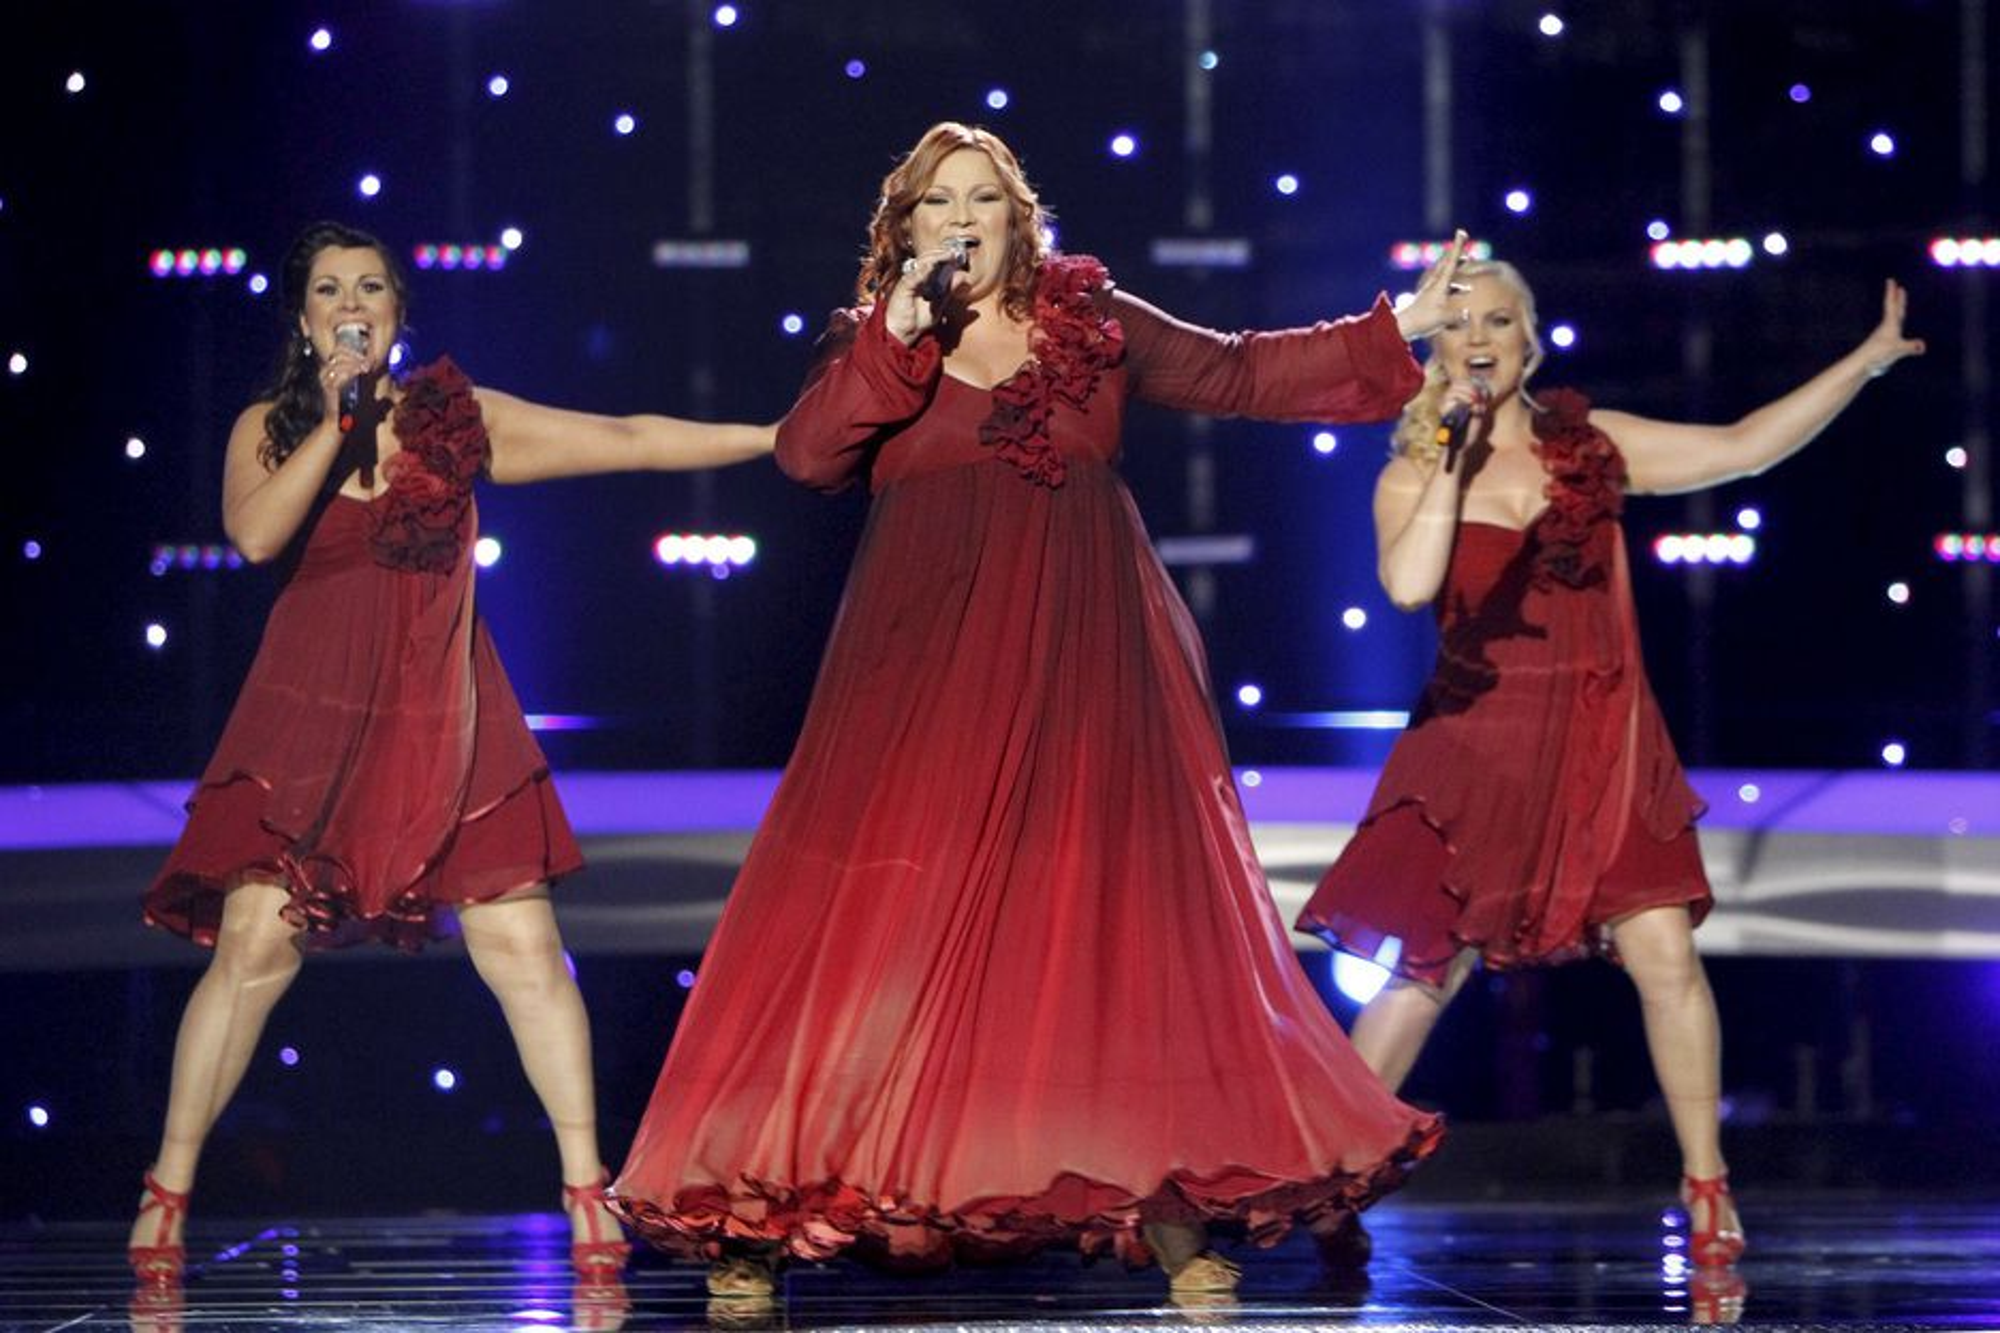 Islandske Hera Björk kvalifiserte seg til finalen i Eurovision Song Contest i går. Men lyden og bildet var usynkronisert for mange svenske seere.